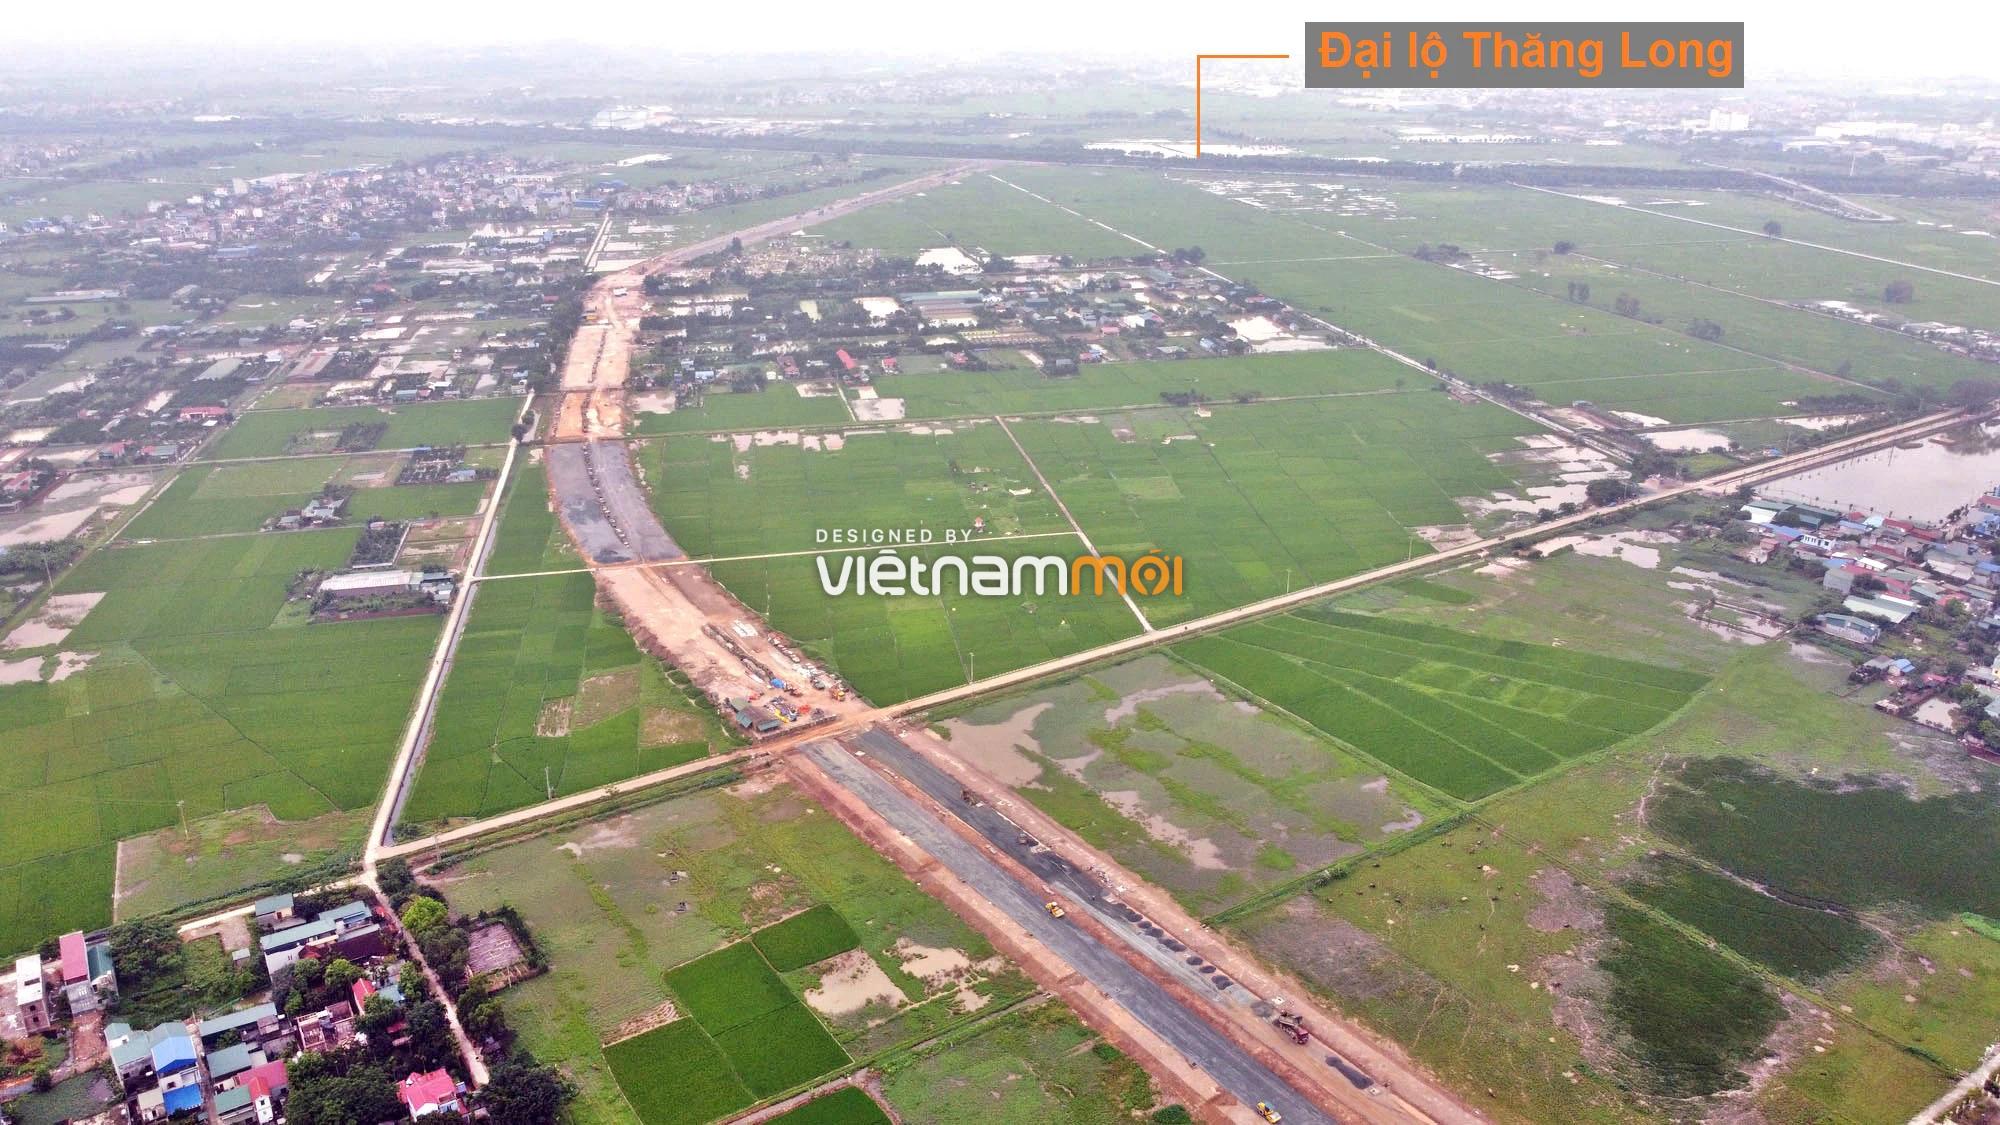 Toàn cảnh đường trục chính Bắc - Nam KĐT Quốc Oai kéo dài đang mở theo quy hoạch ở Hà Nội - Ảnh 12.